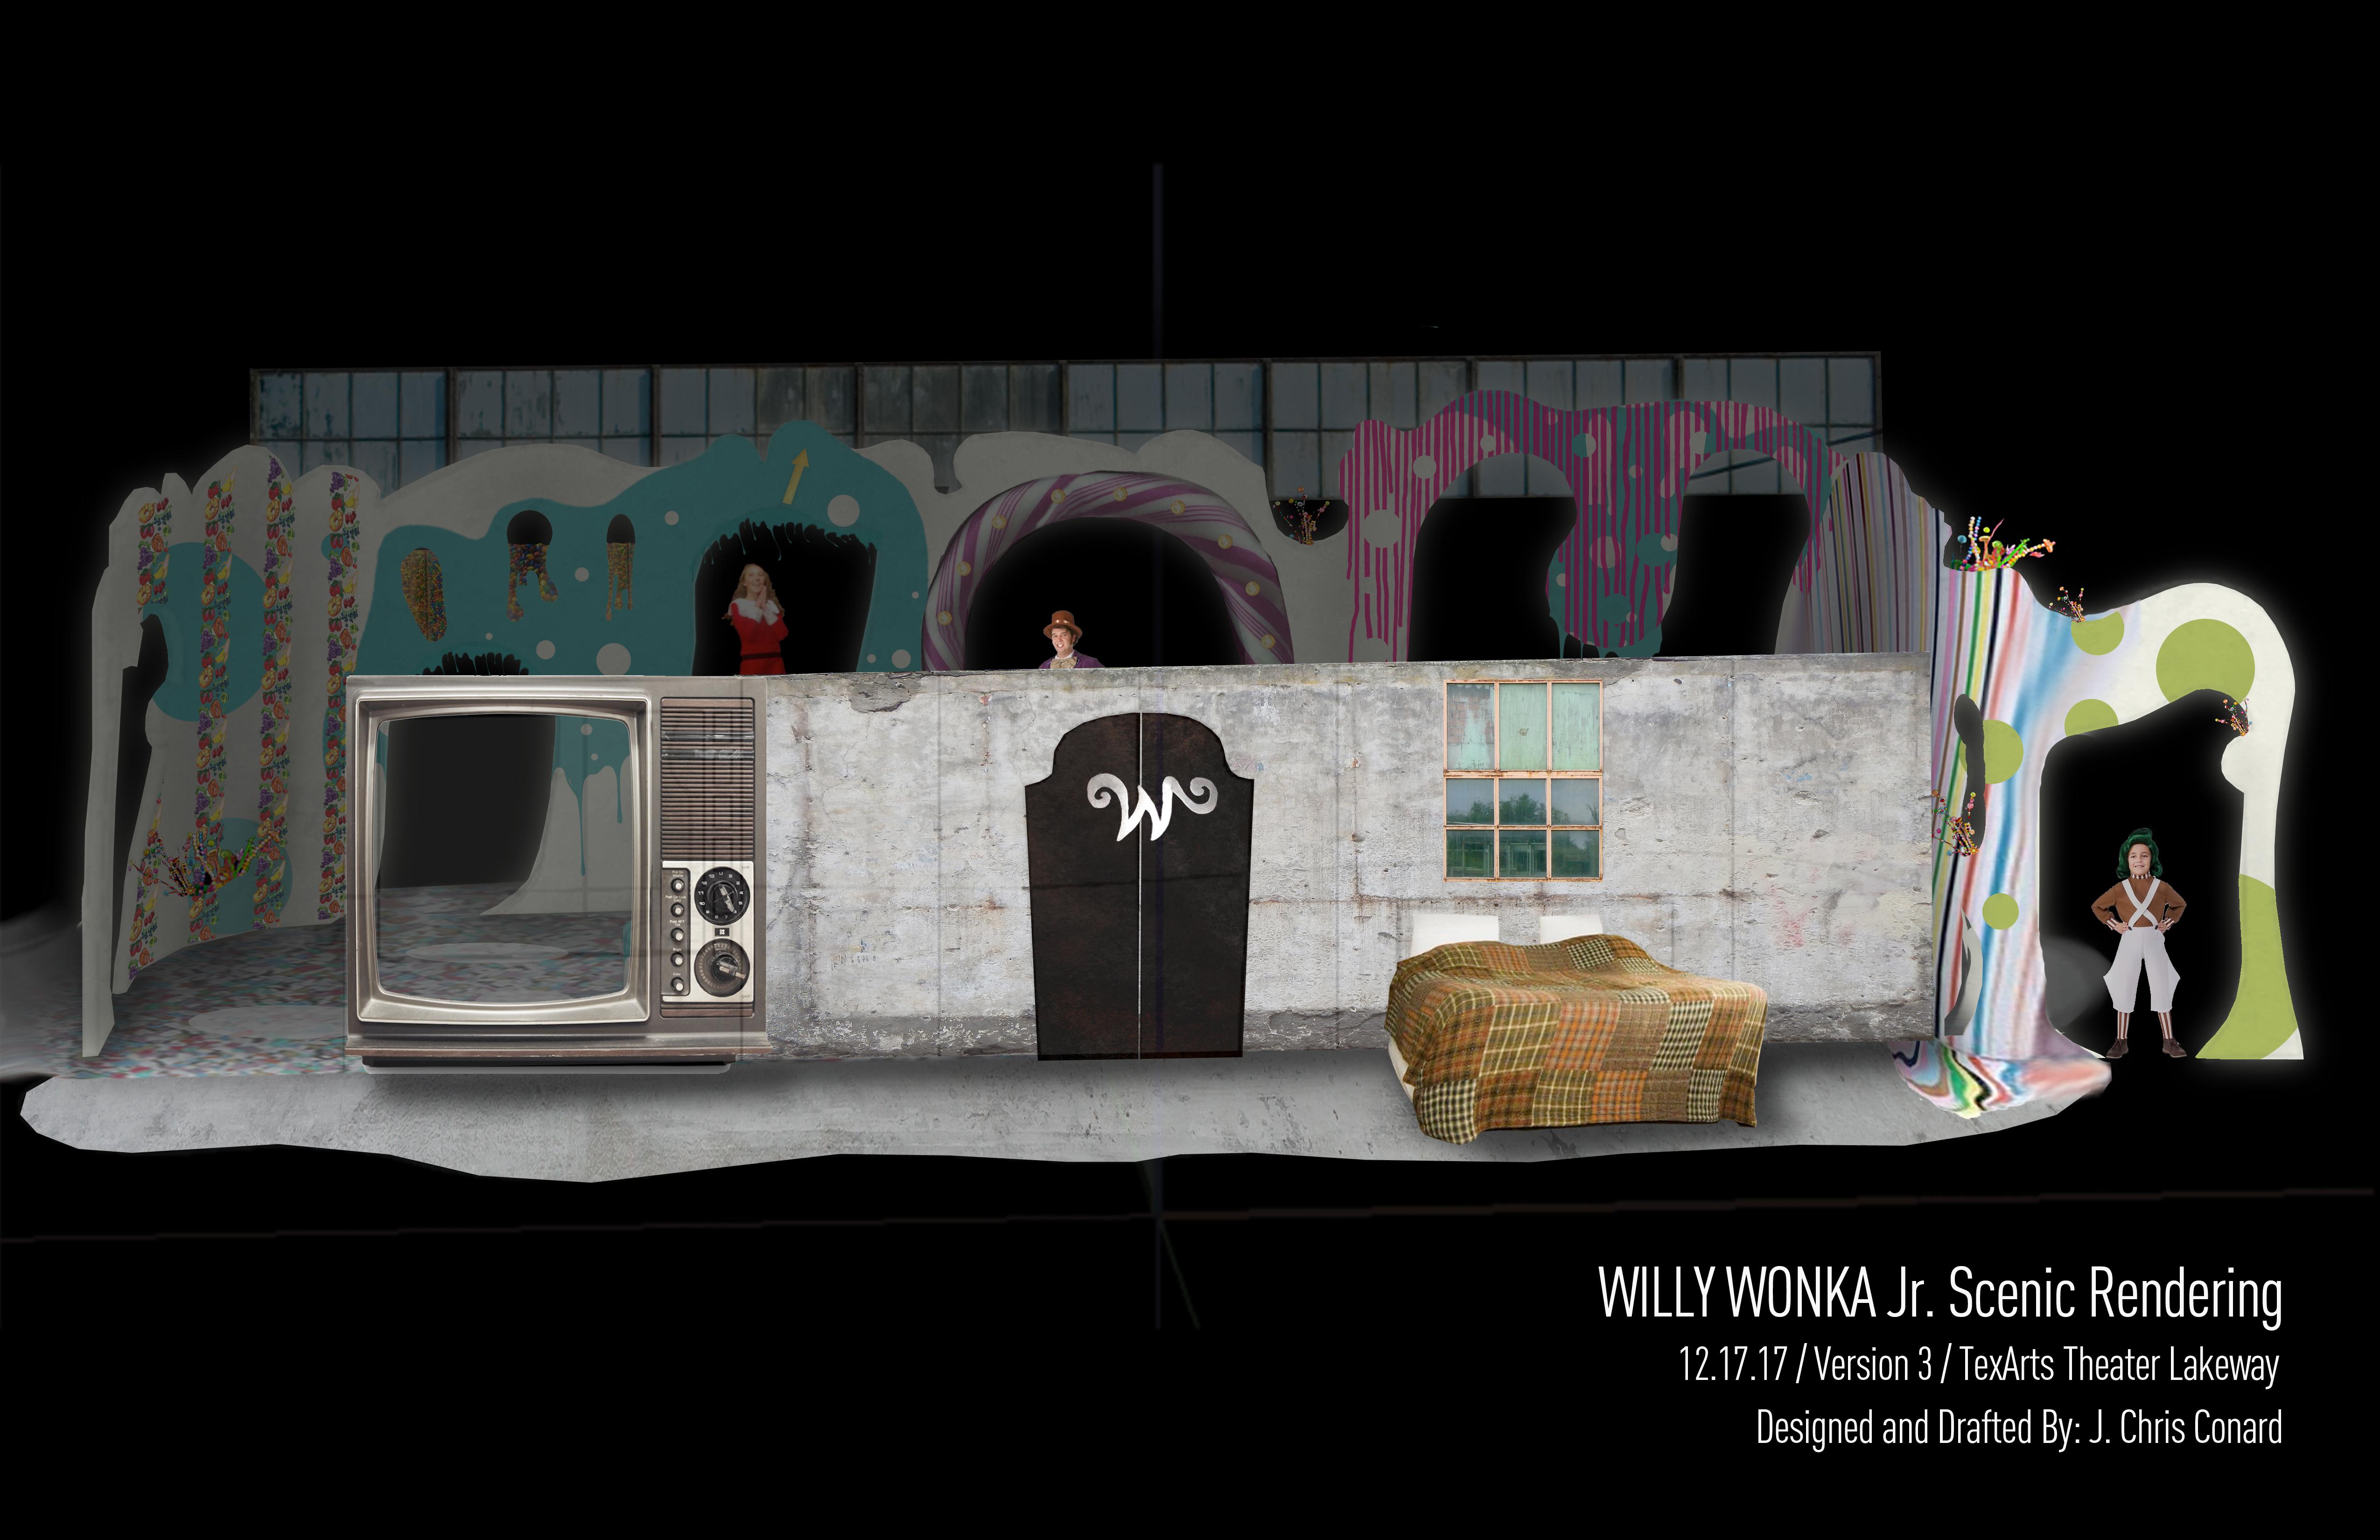 Wonka Rendering ACT 1